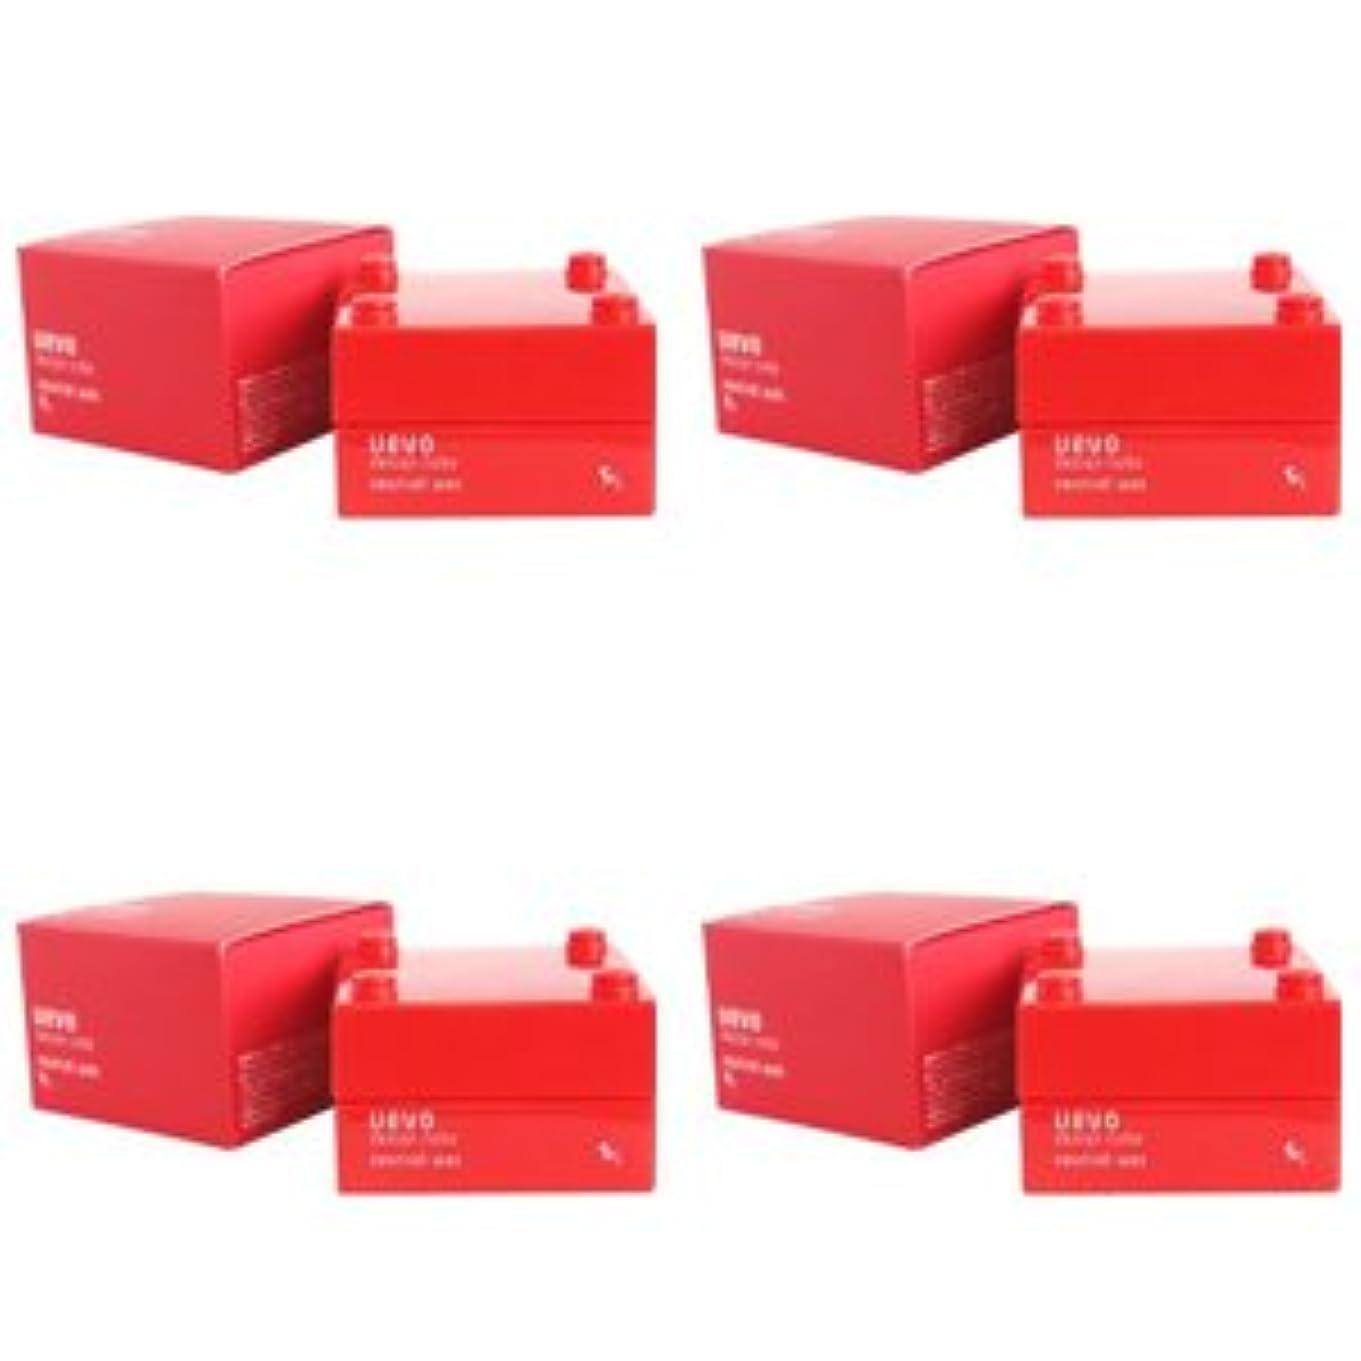 のホストコークス挨拶【X4個セット】 デミ ウェーボ デザインキューブ ニュートラルワックス 30g neutral wax DEMI uevo design cube